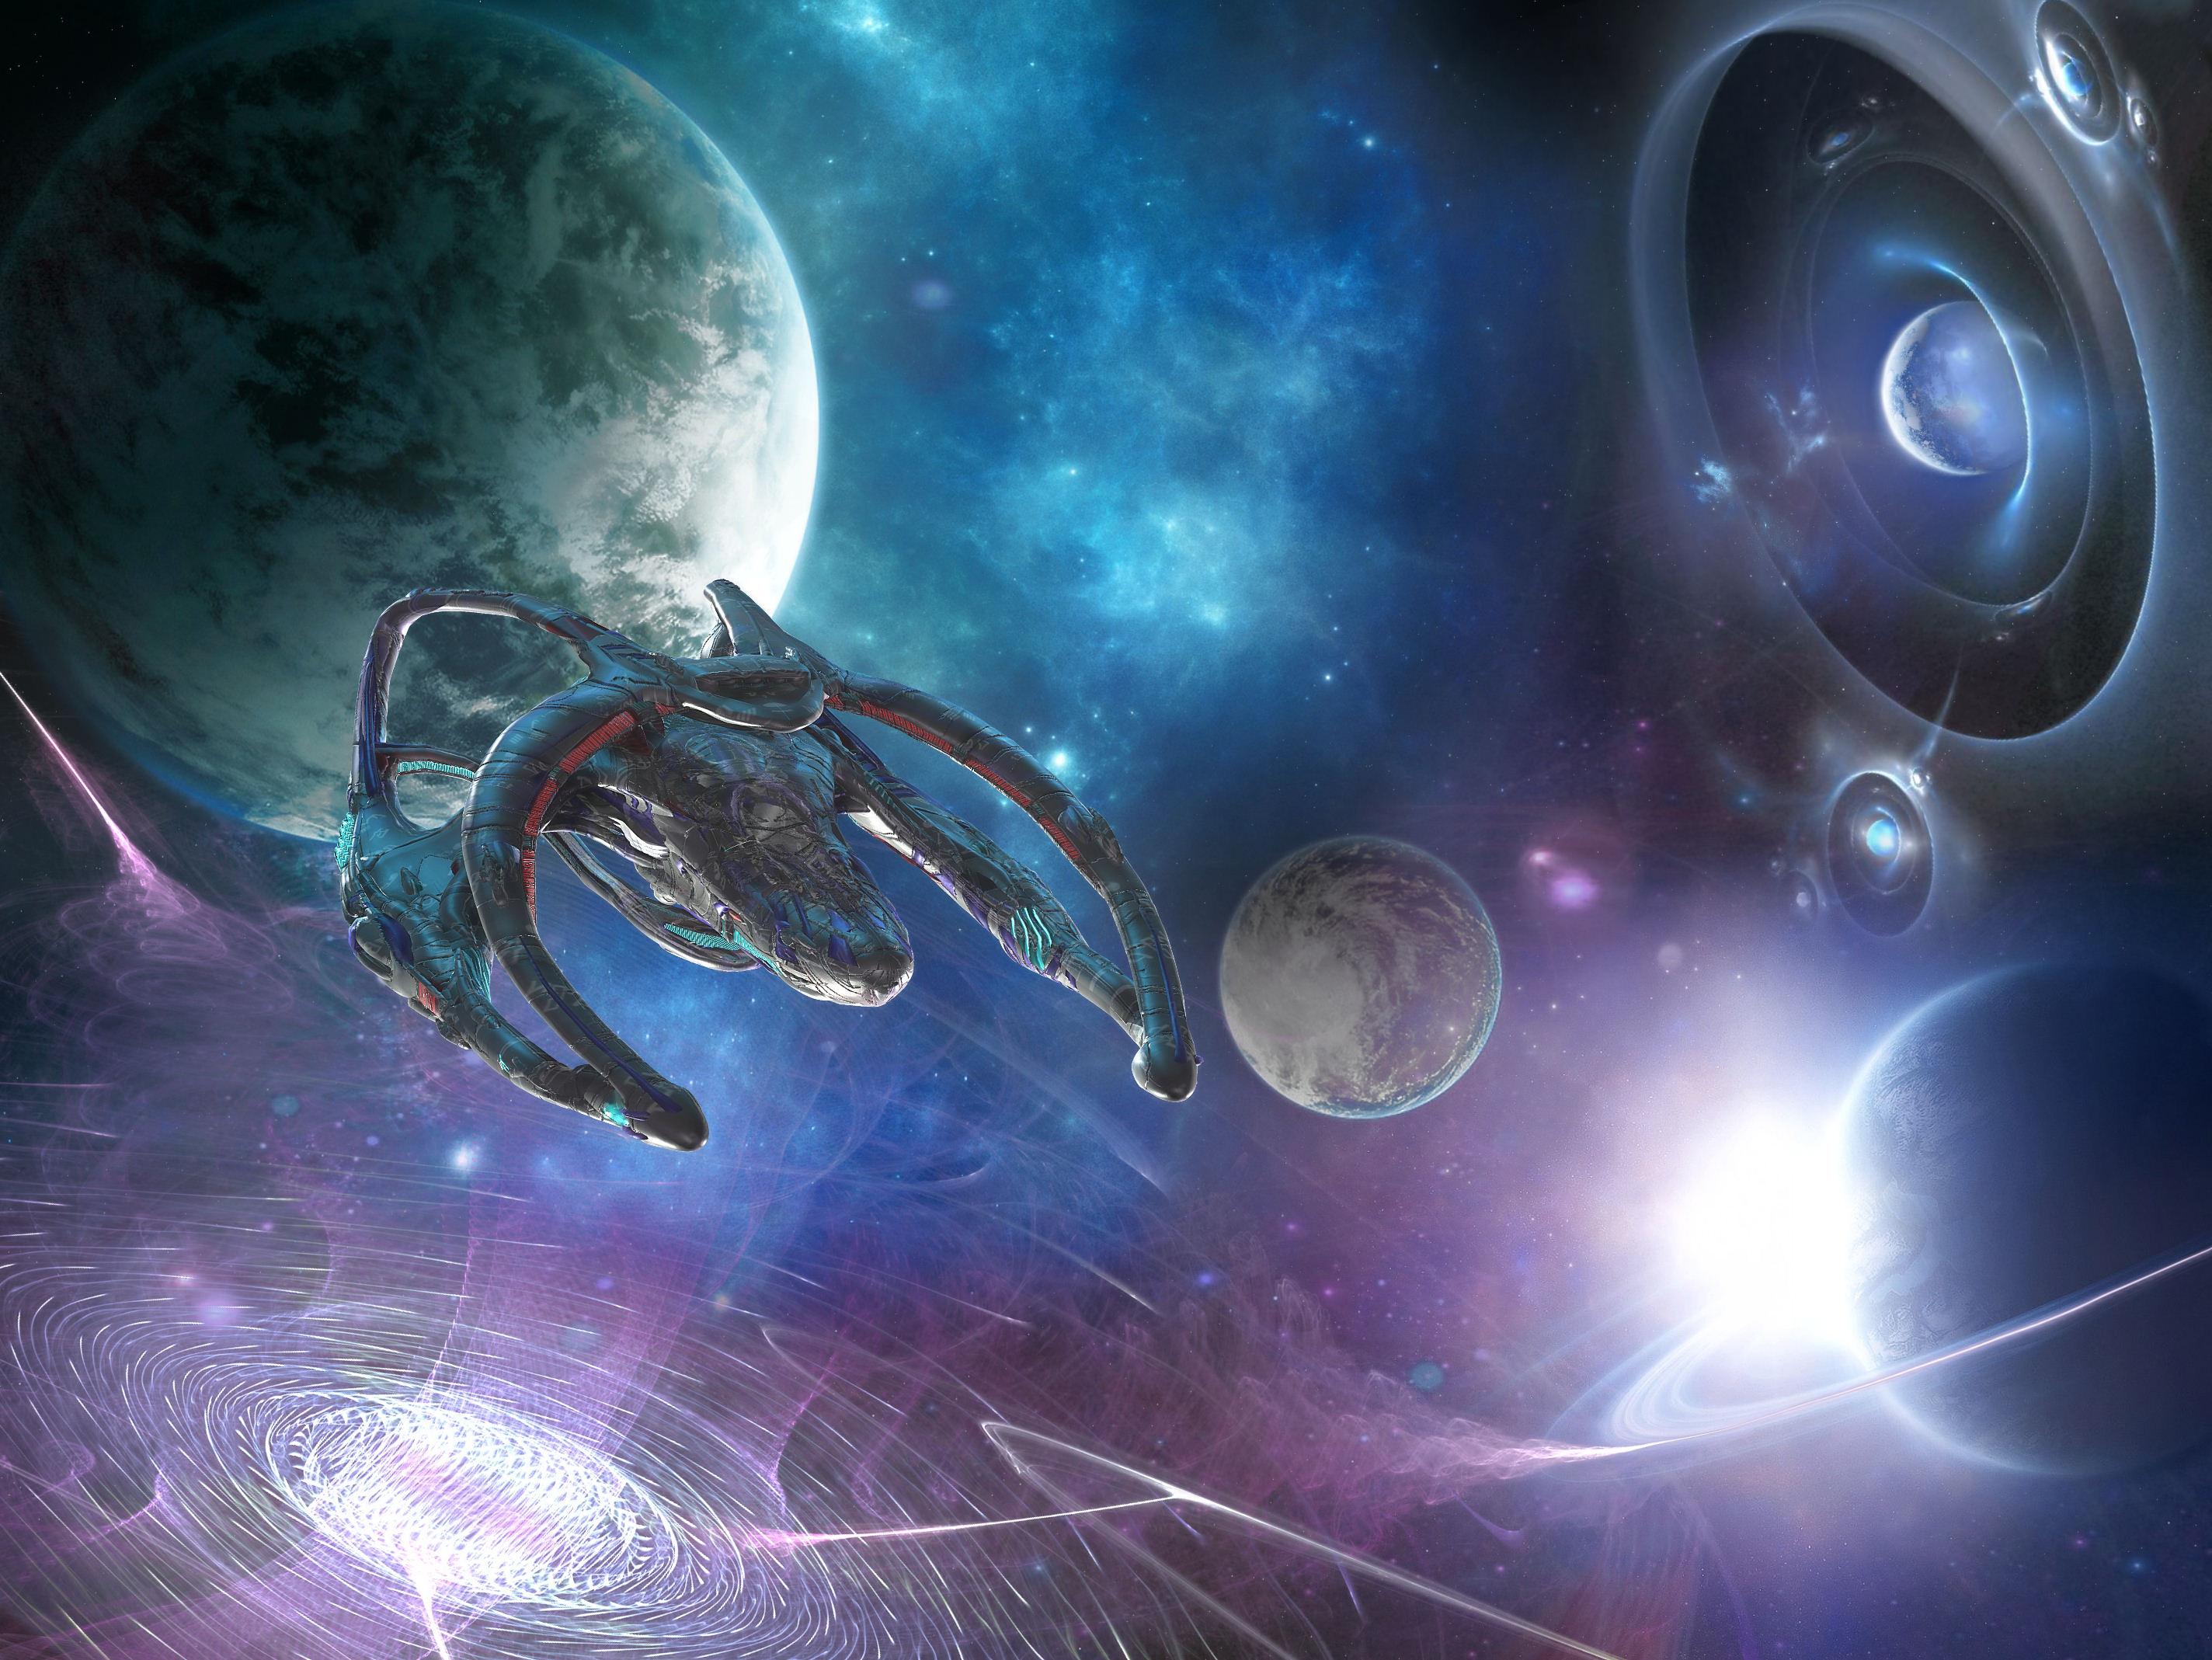 «Андромеда»: сериал и его вселенная 2